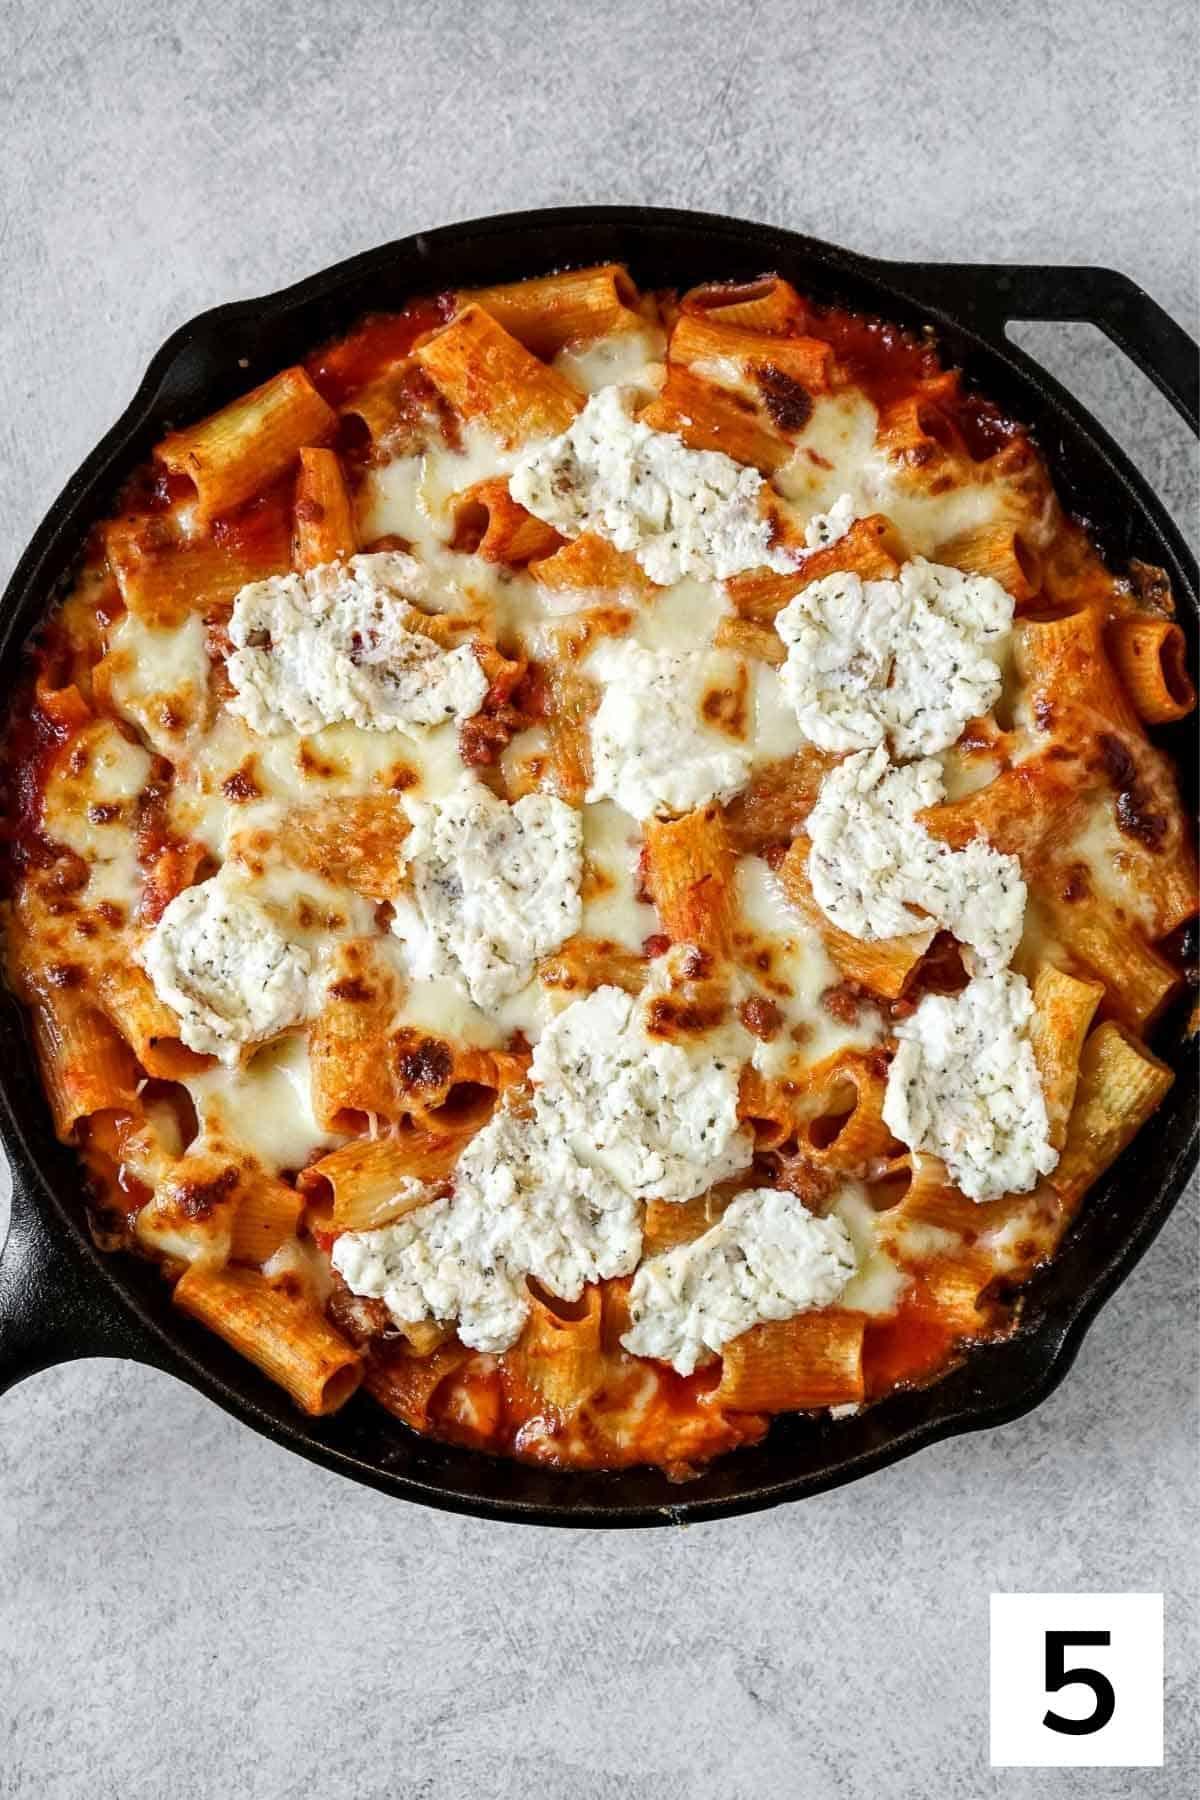 Last step of how to make rigatoni al forno.